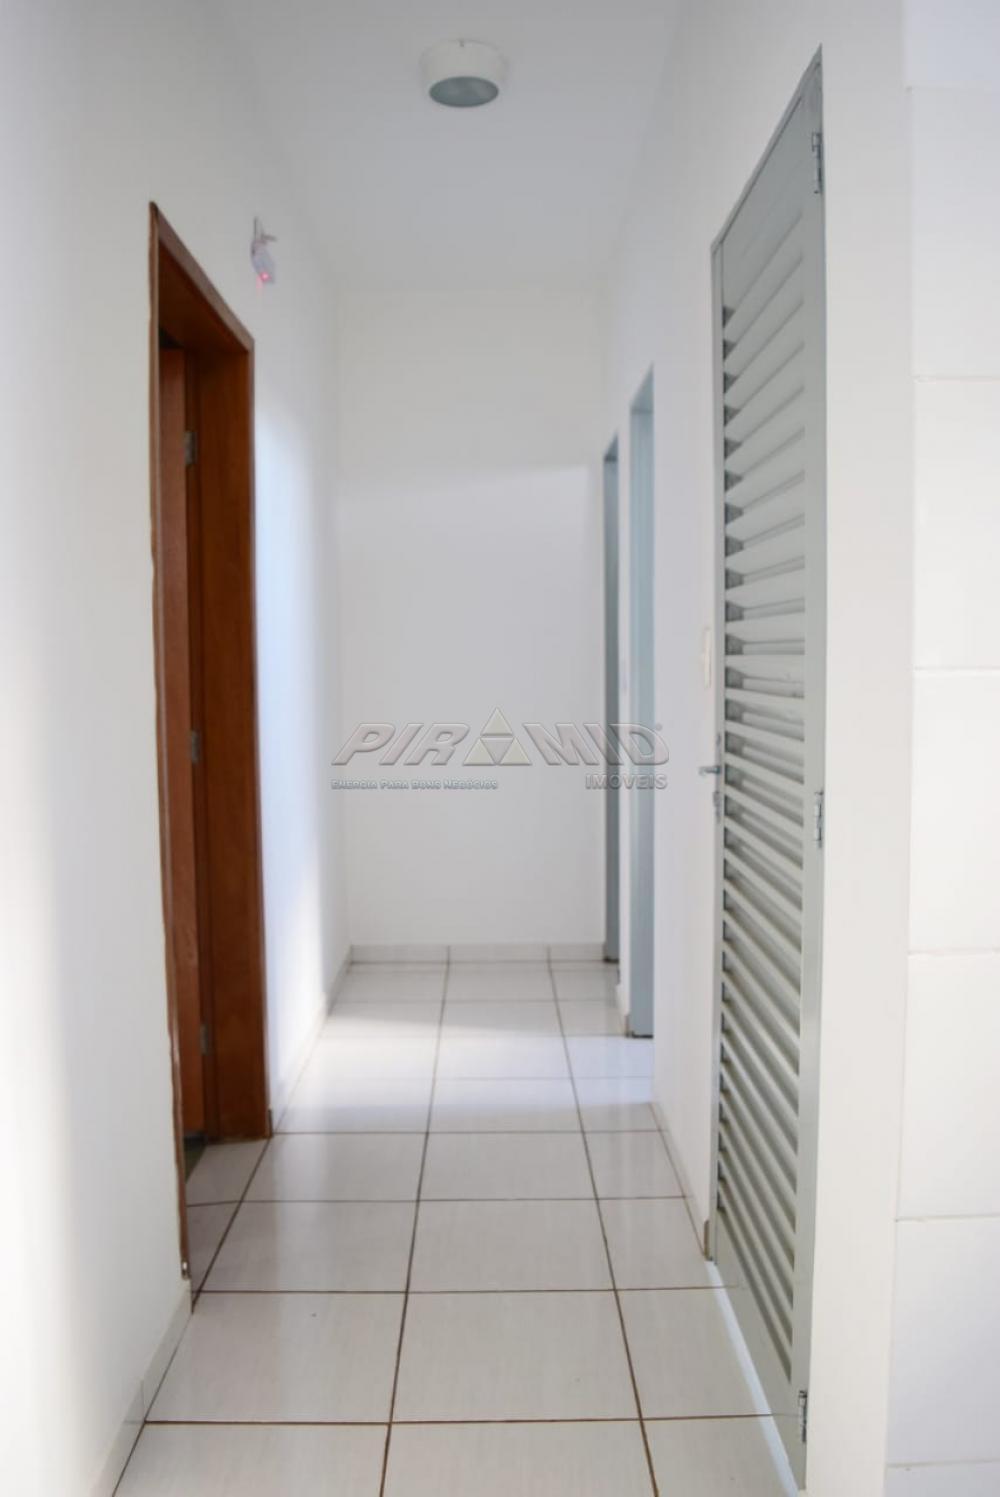 Alugar Comercial / Salão em Ribeirão Preto R$ 10.000,00 - Foto 8